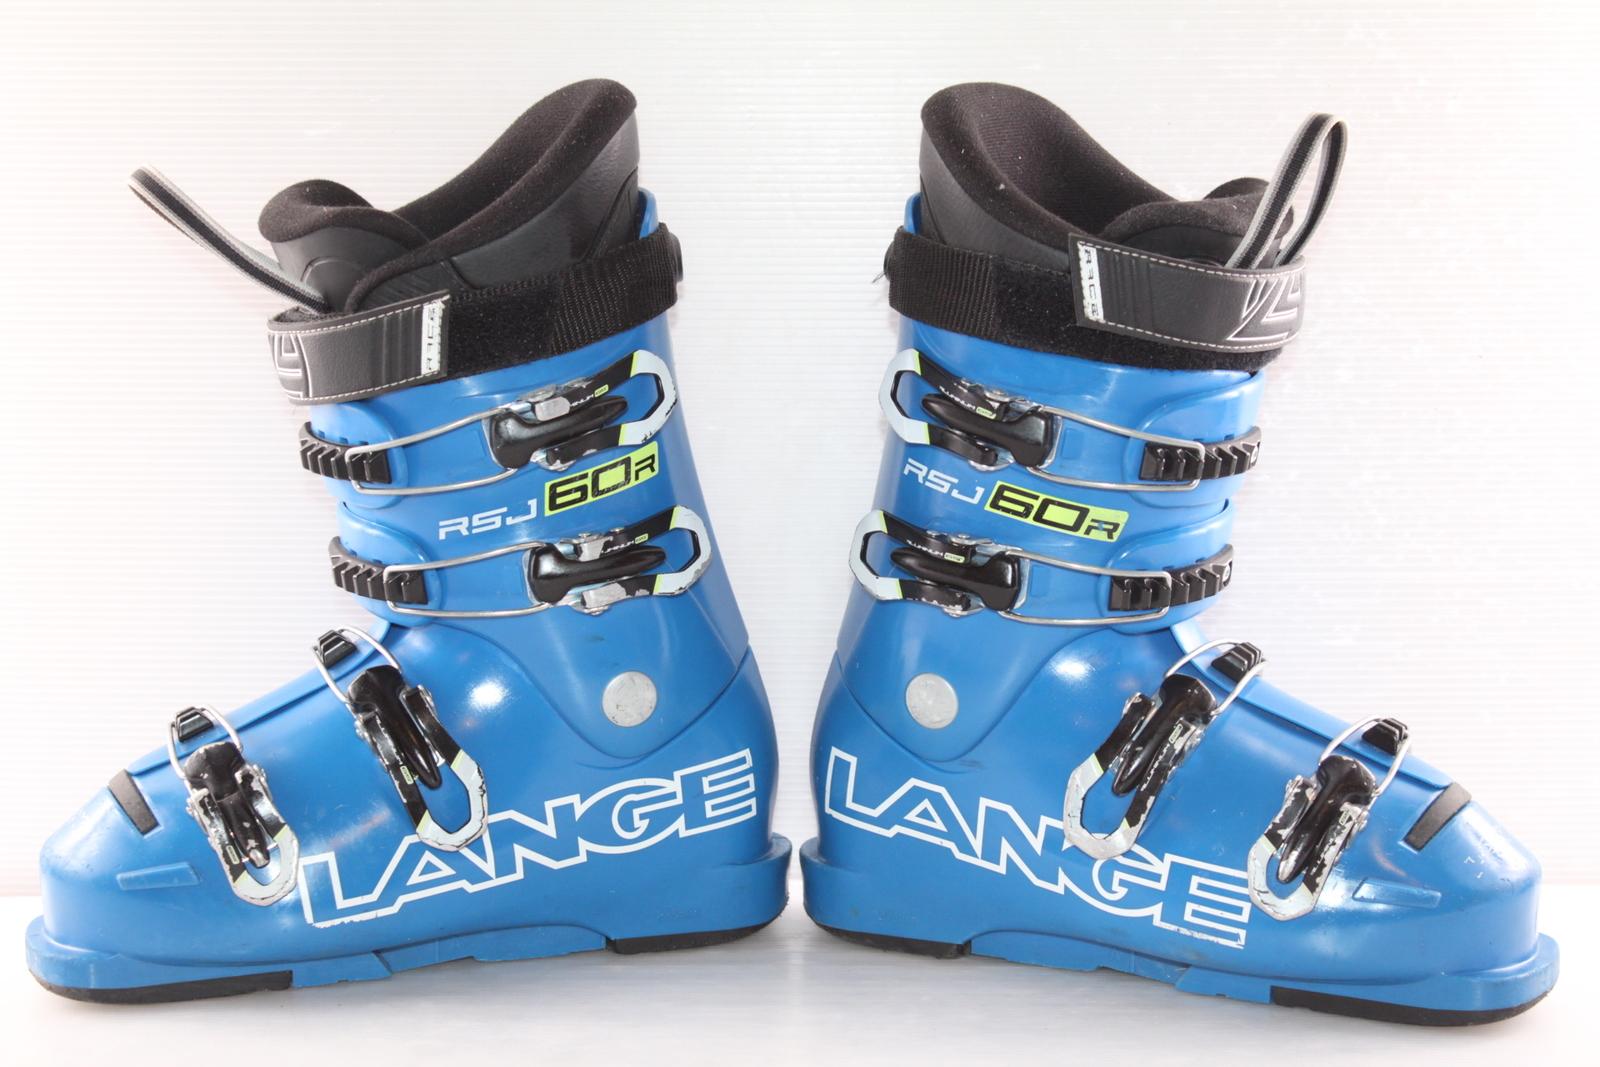 Dětské lyžáky Lange RSj 50R vel. EU36.5